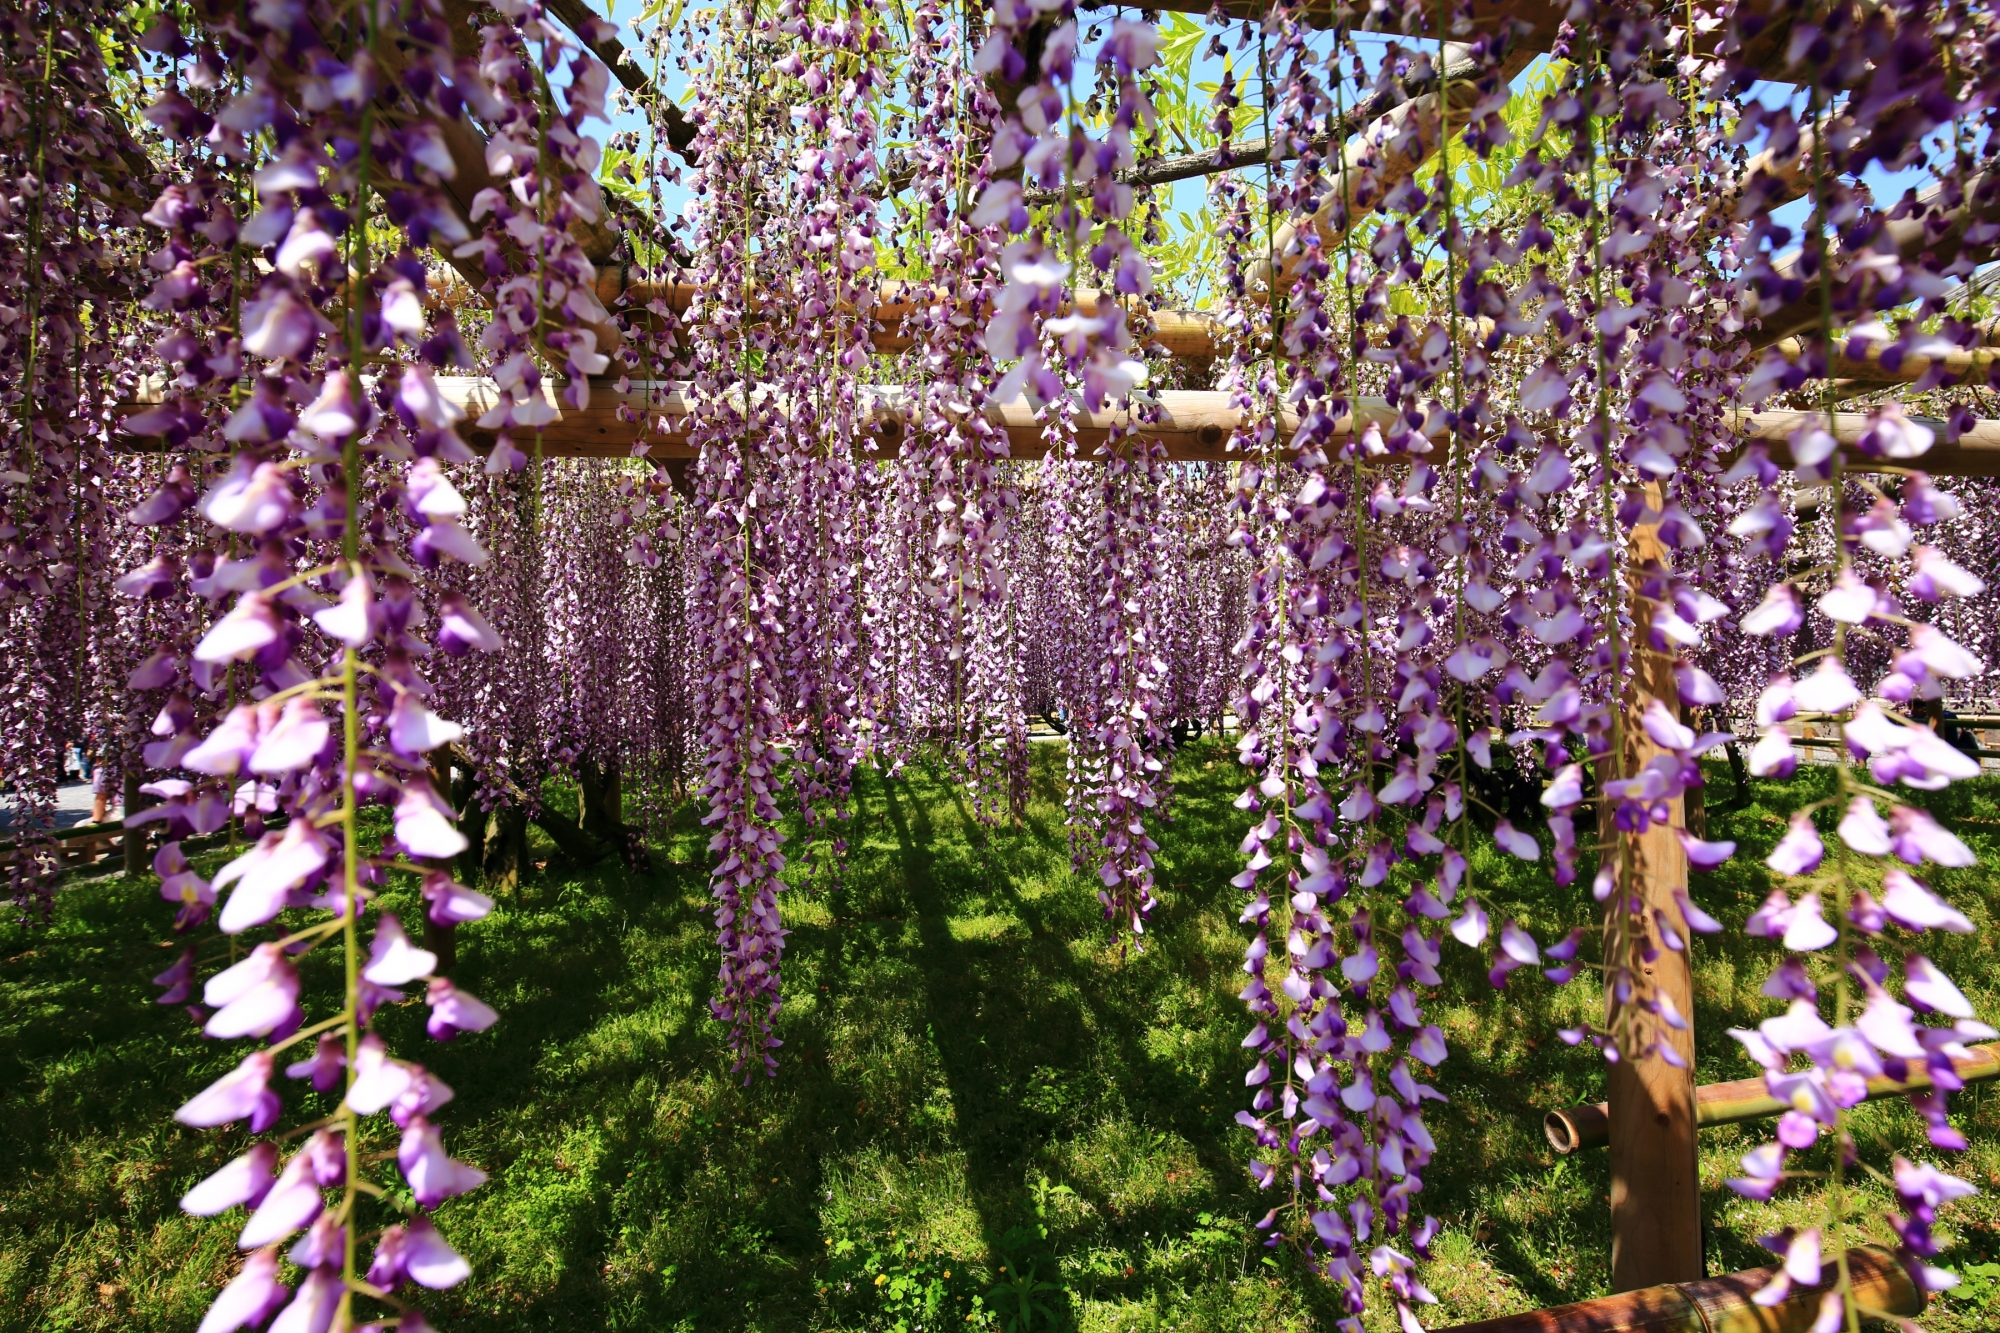 春風に優雅にそよぐ綺麗な花